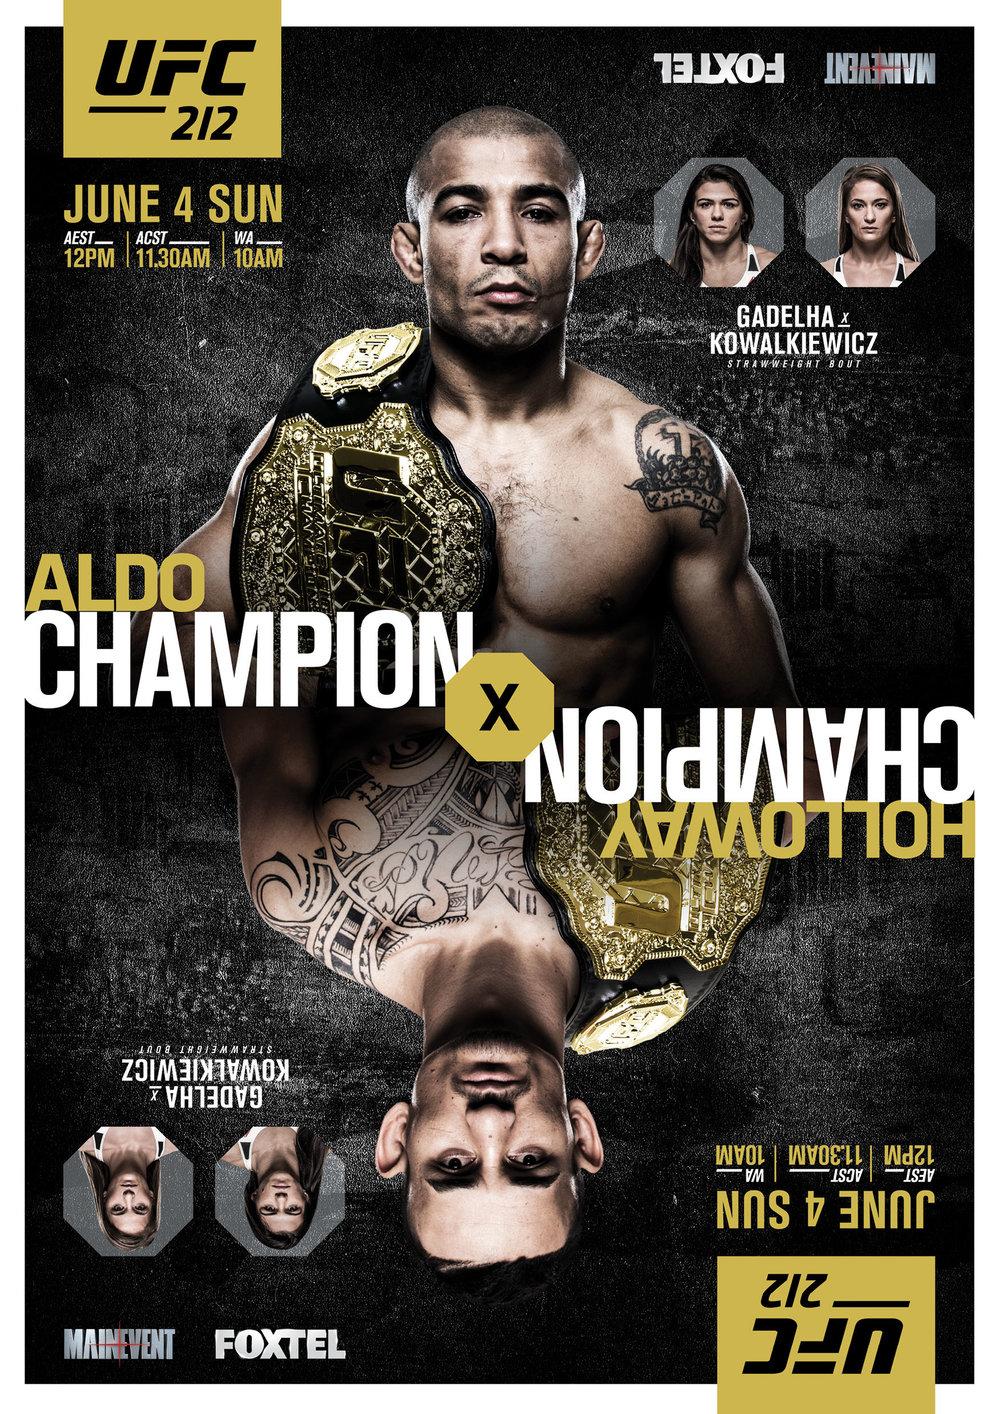 UFC212_foxtel_A5.jpg